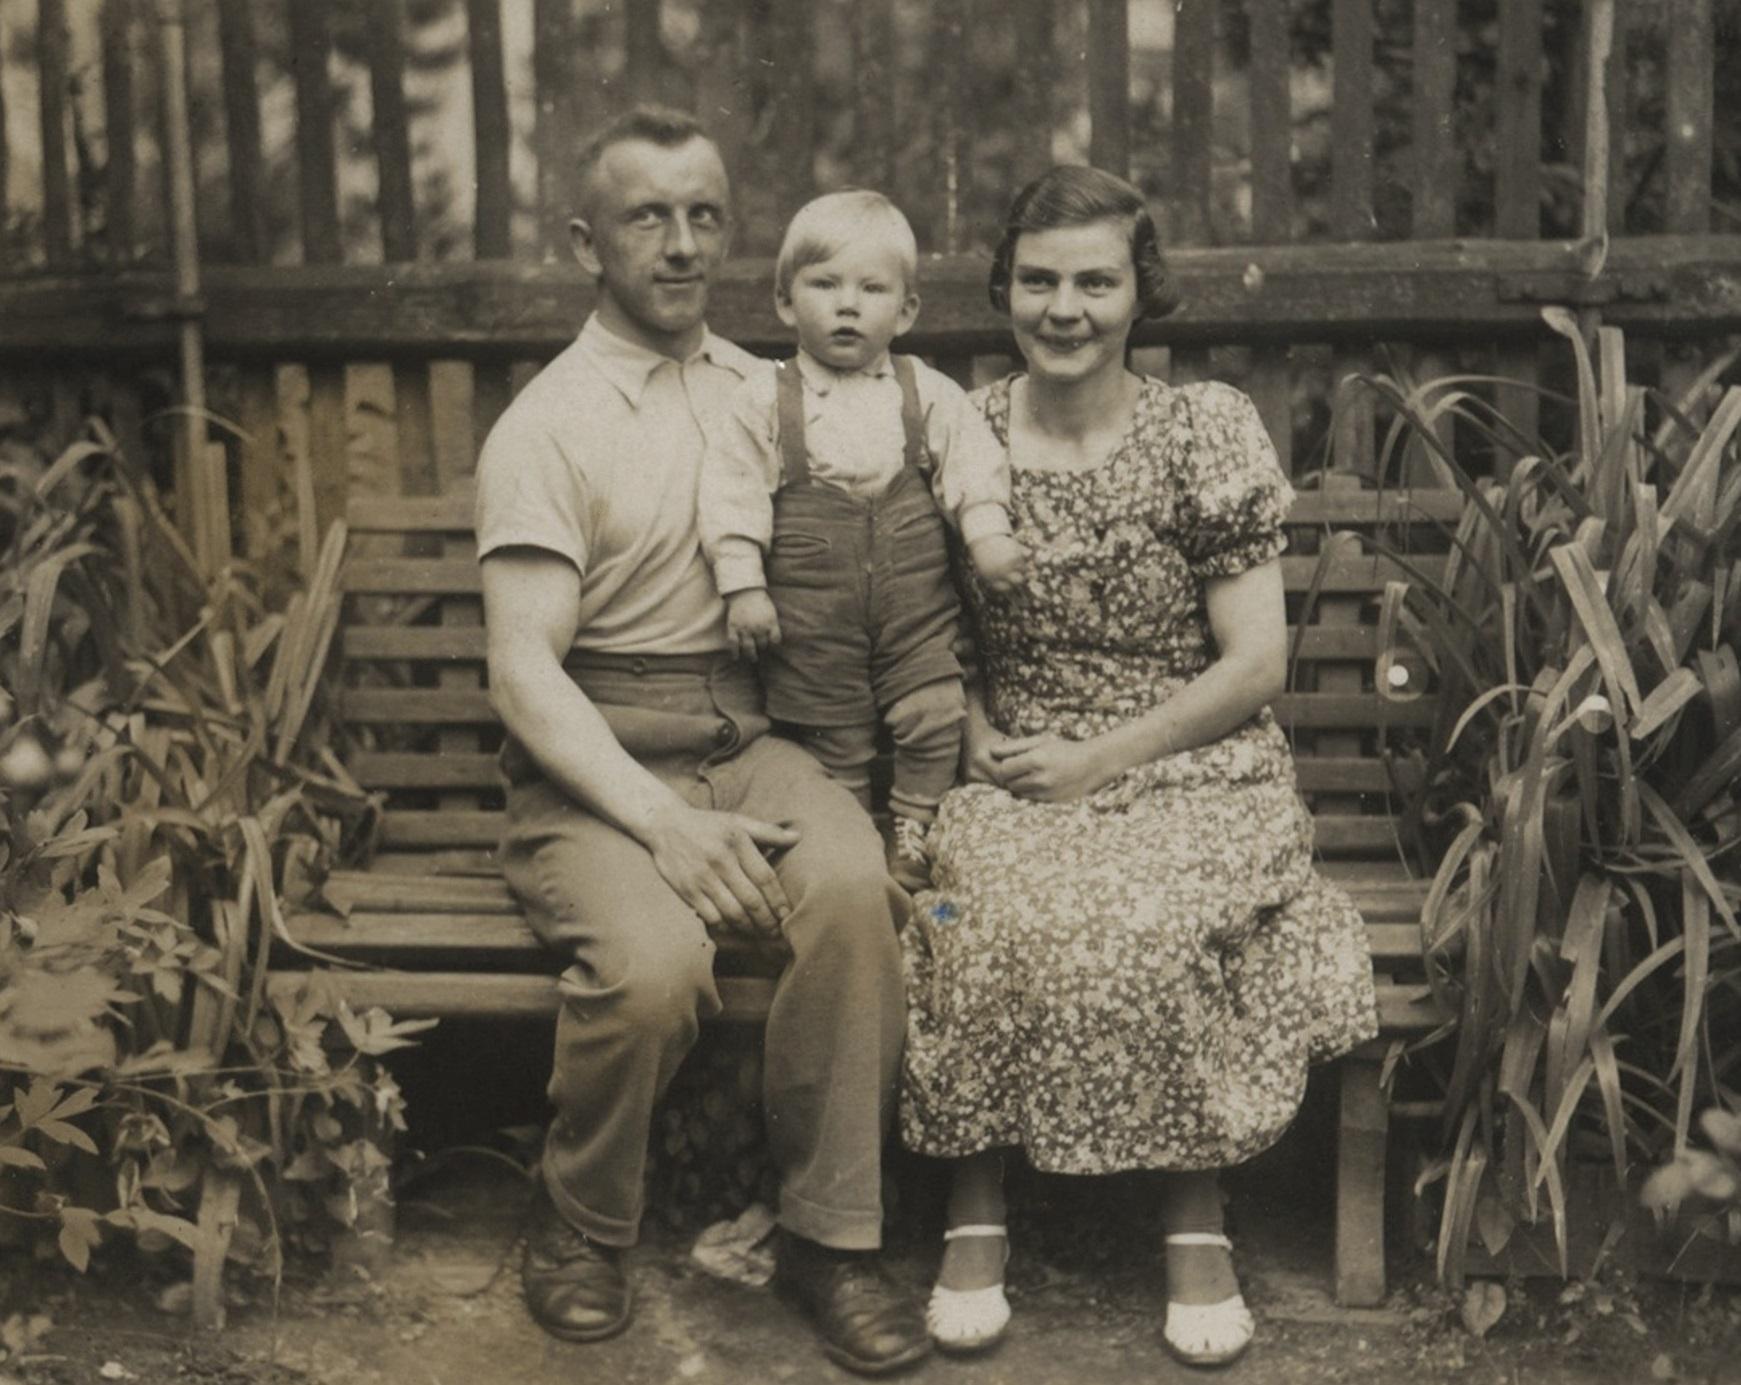 Walter Sitte se narodil v roce 1935 do sudetoněmecké rodiny kousek od německých hranic v Hrádku nad Nisou.